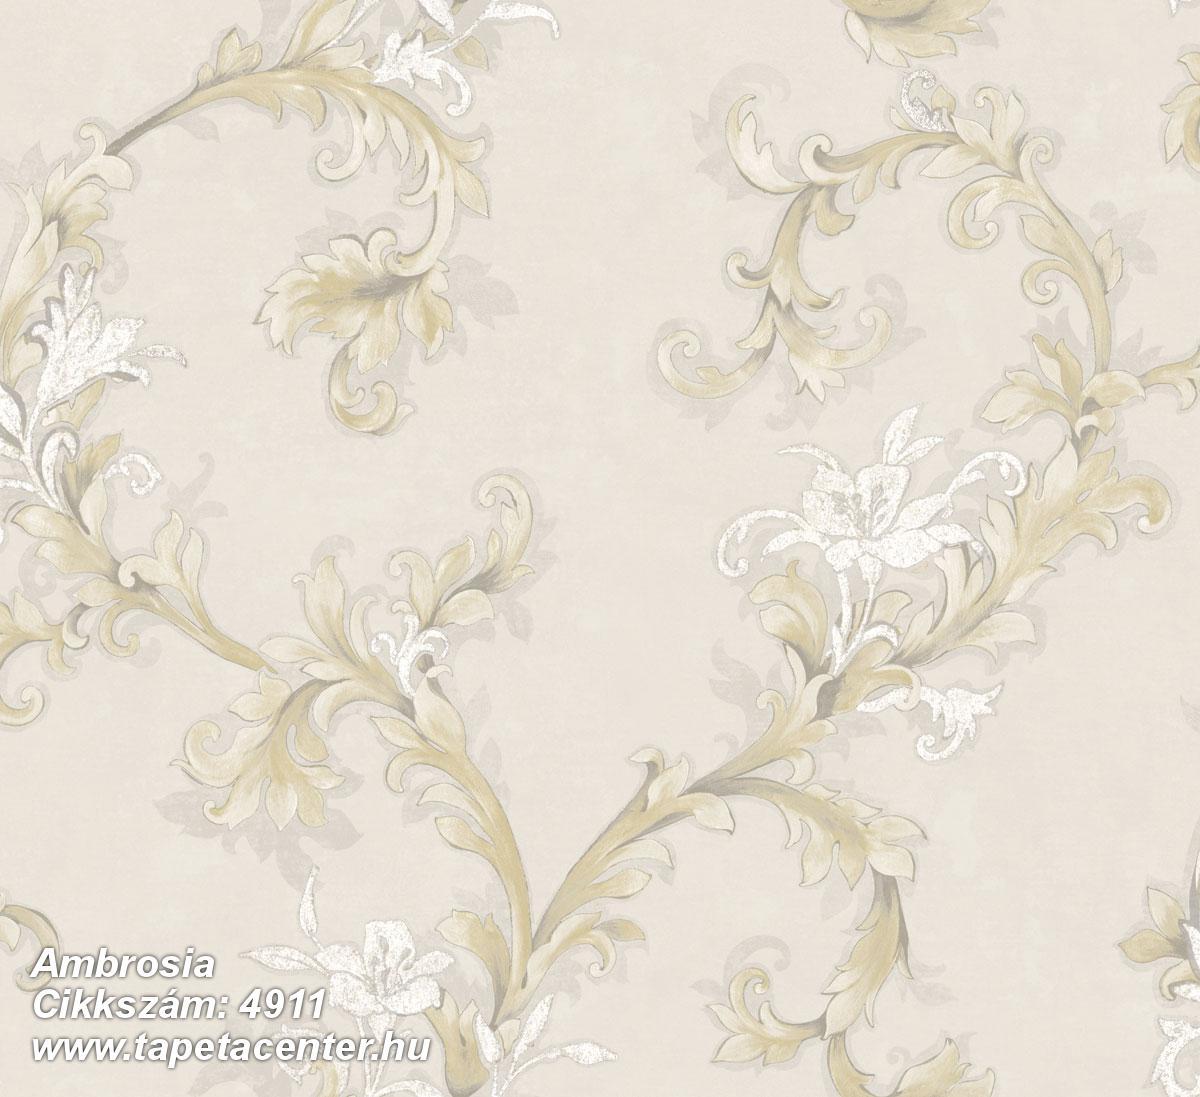 Barokk-klasszikus,természeti mintás,textil hatású,virágmintás,arany,bézs-drapp,fehér,vajszín,súrolható,vlies tapéta